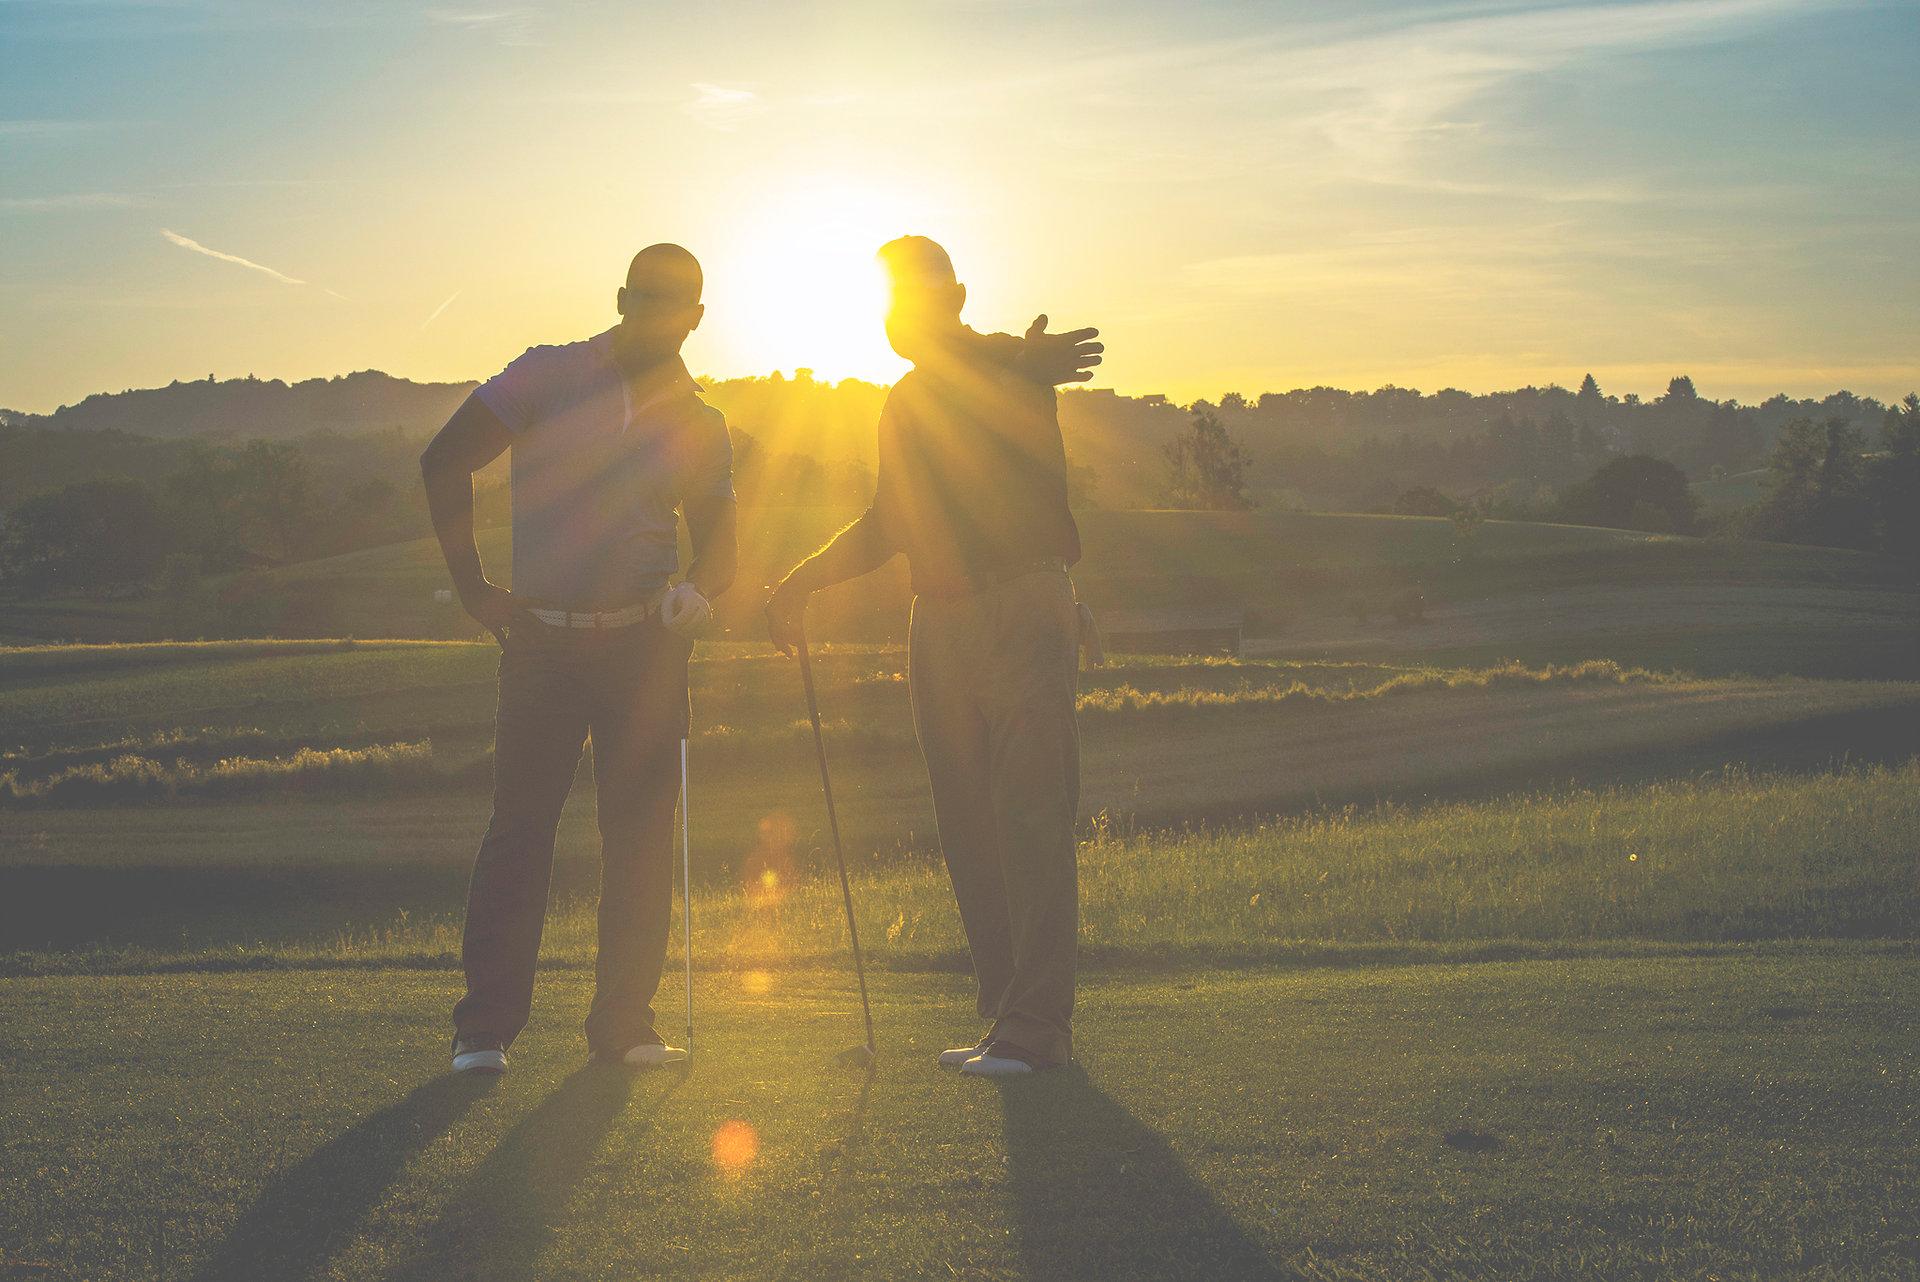 Golf pro teaching beginner golfer on driving range at sunset.